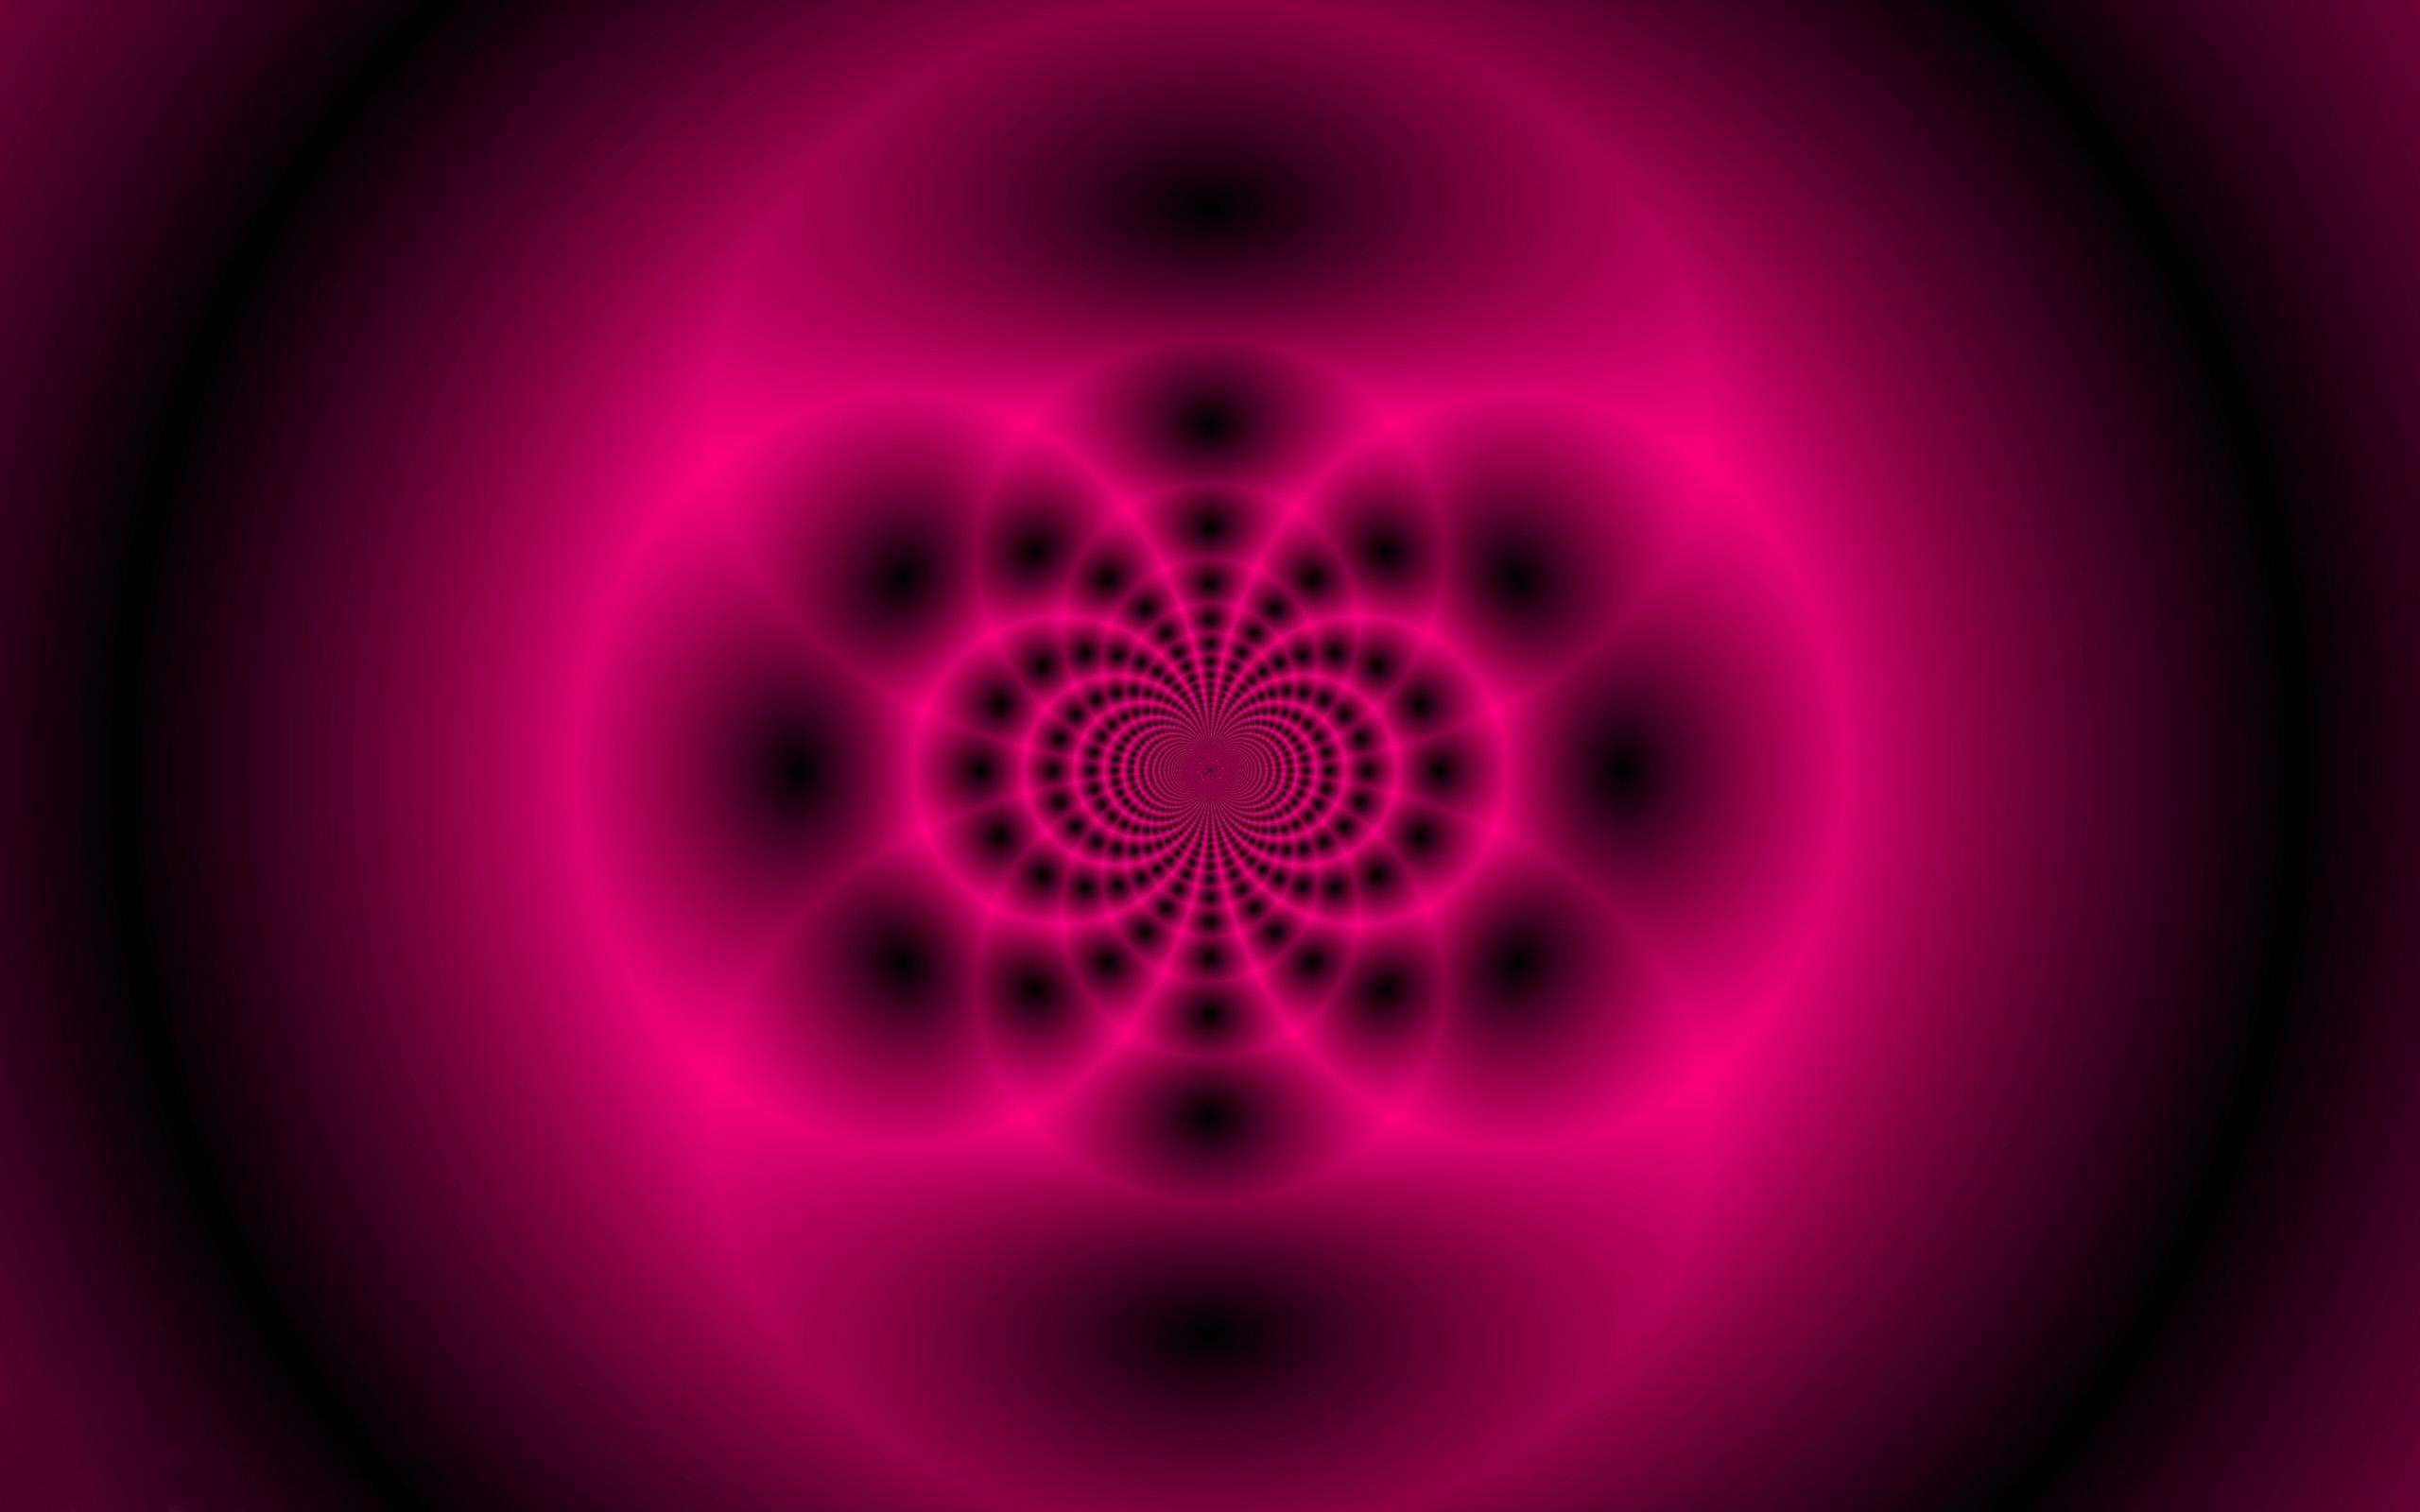 Cool Pink Wallpaper - WallpaperSafari